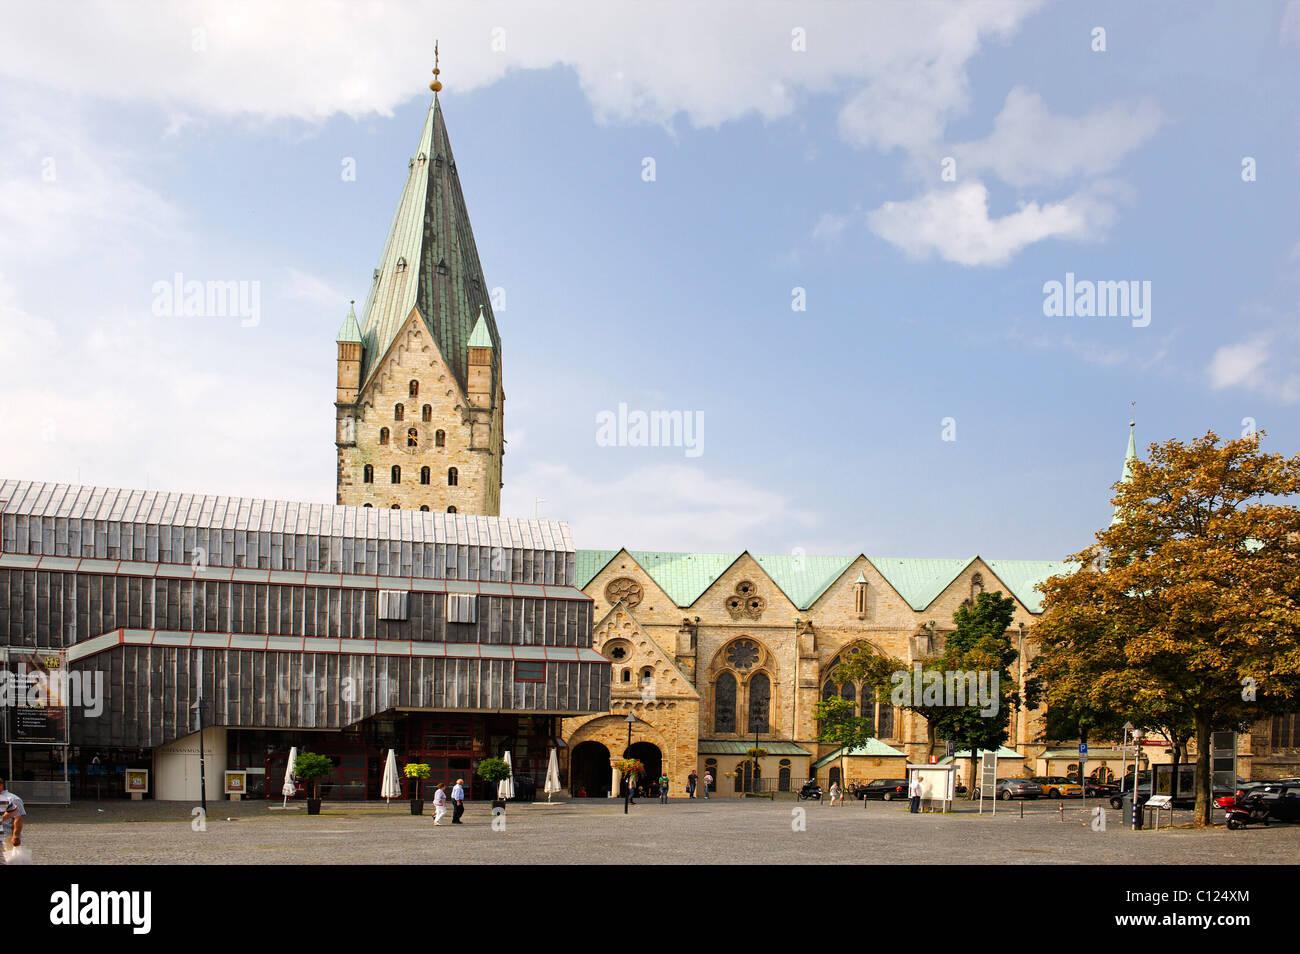 Dom und Dommuseum vom Domplatz Domplatz, Paderborn, Nordrhein-Westfalen, Deutschland, Europa Stockbild